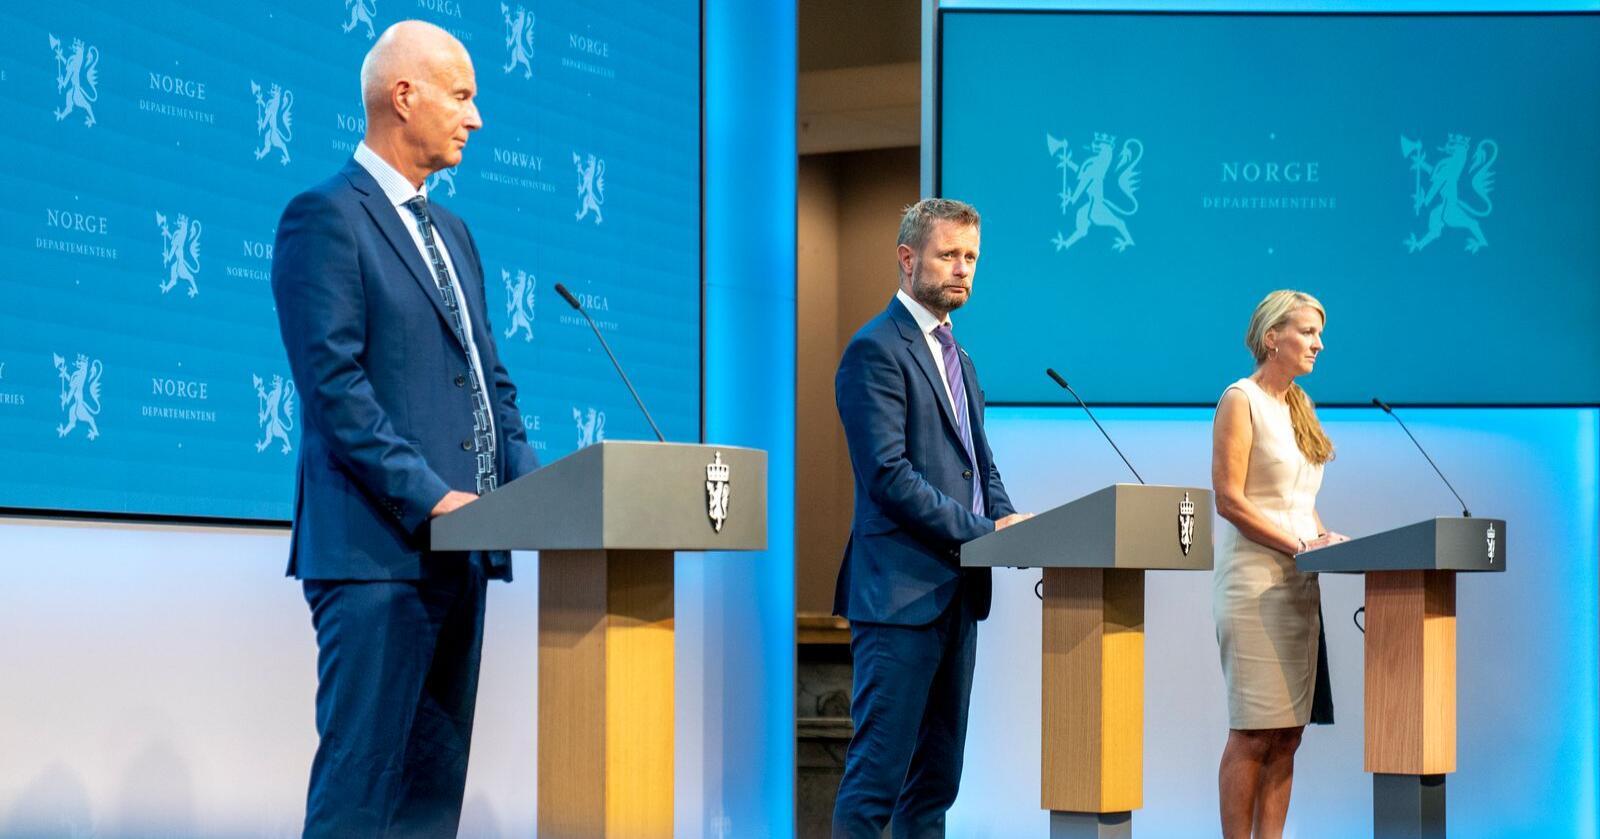 Helsedirektør Bjørn Guldvog, helseminister Bent Høie og avdelingsdirektør i Folkehelseinstituttet Line Vold. Foto: Torstein Bøe / NTB